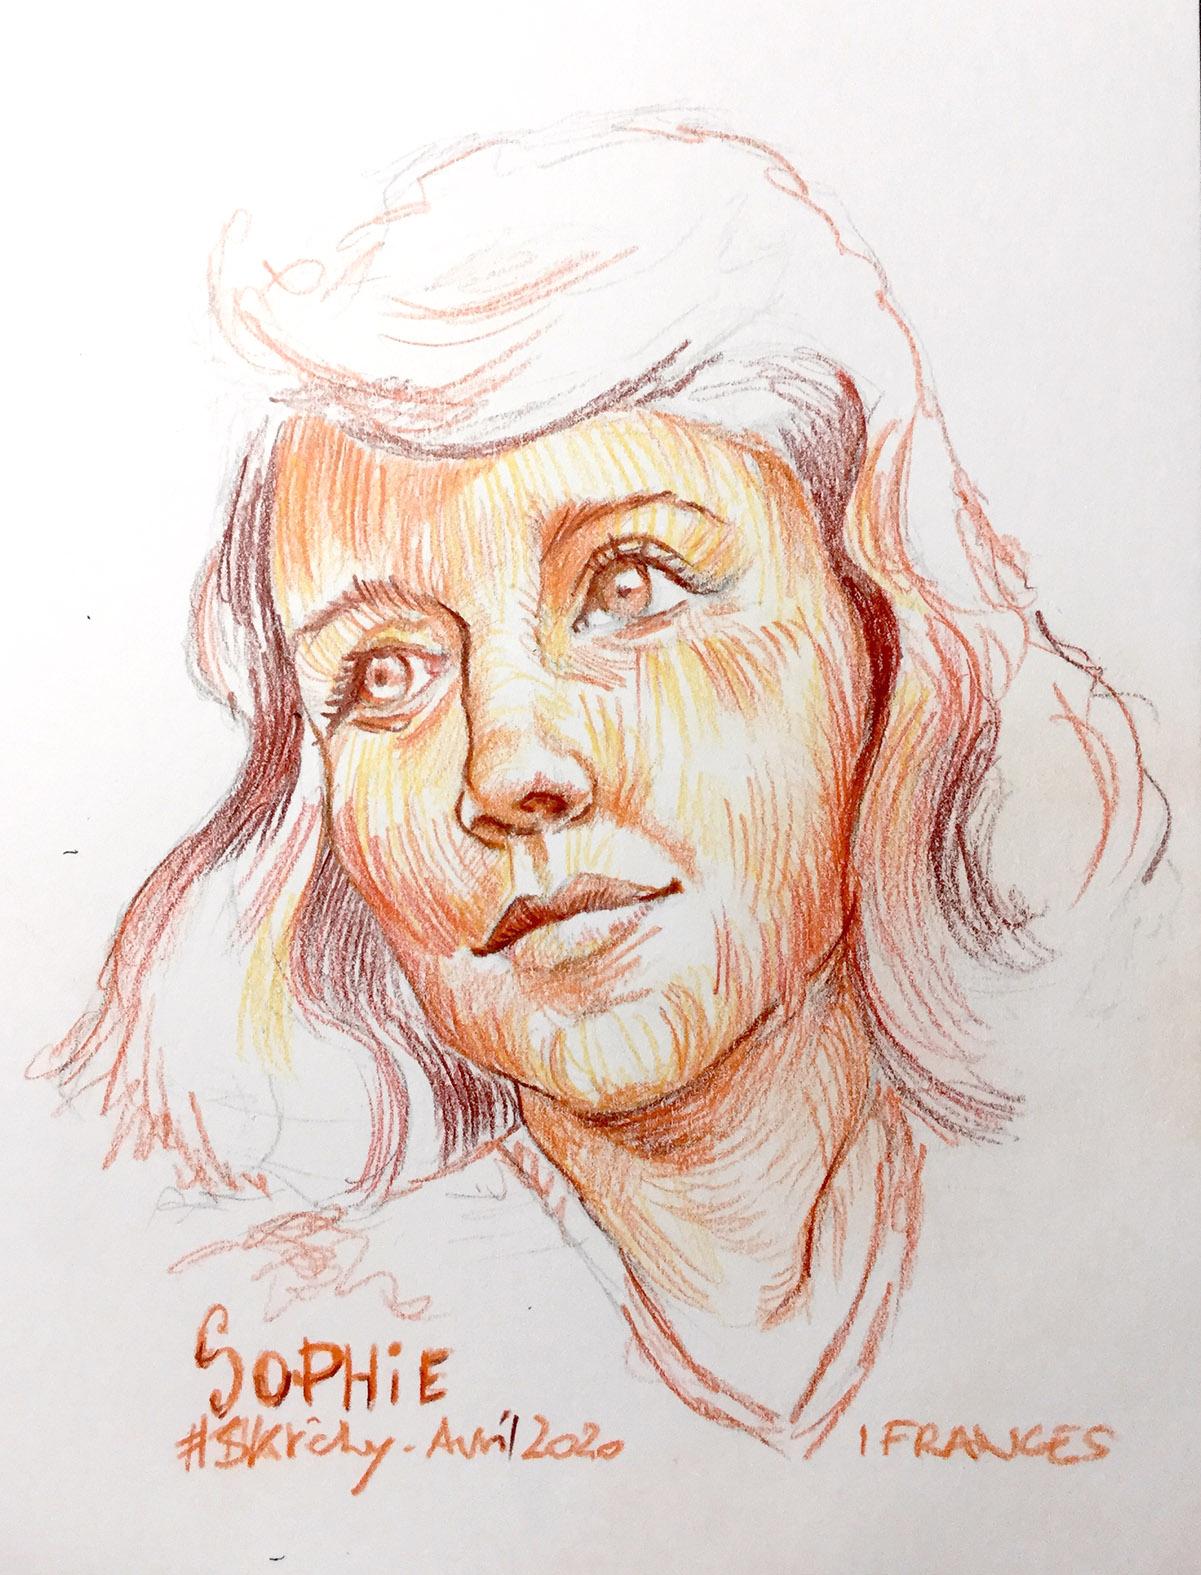 Sophie - modele ©Sktchy crayon de couleur